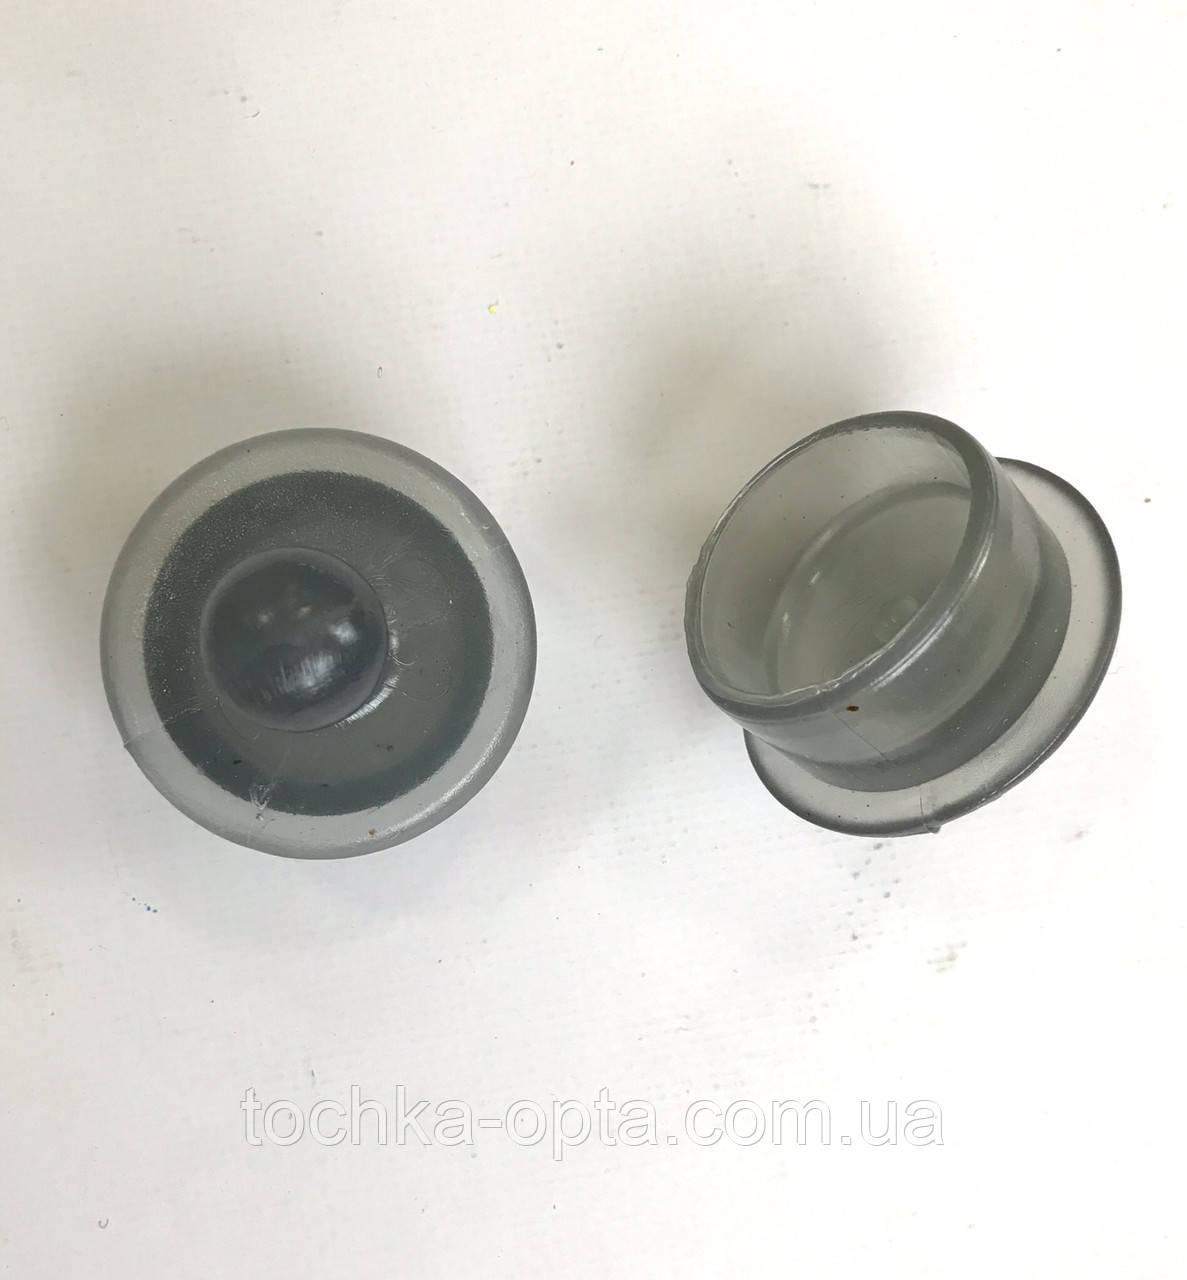 Пробка для евро раковины,ванны с глубокой дыркой